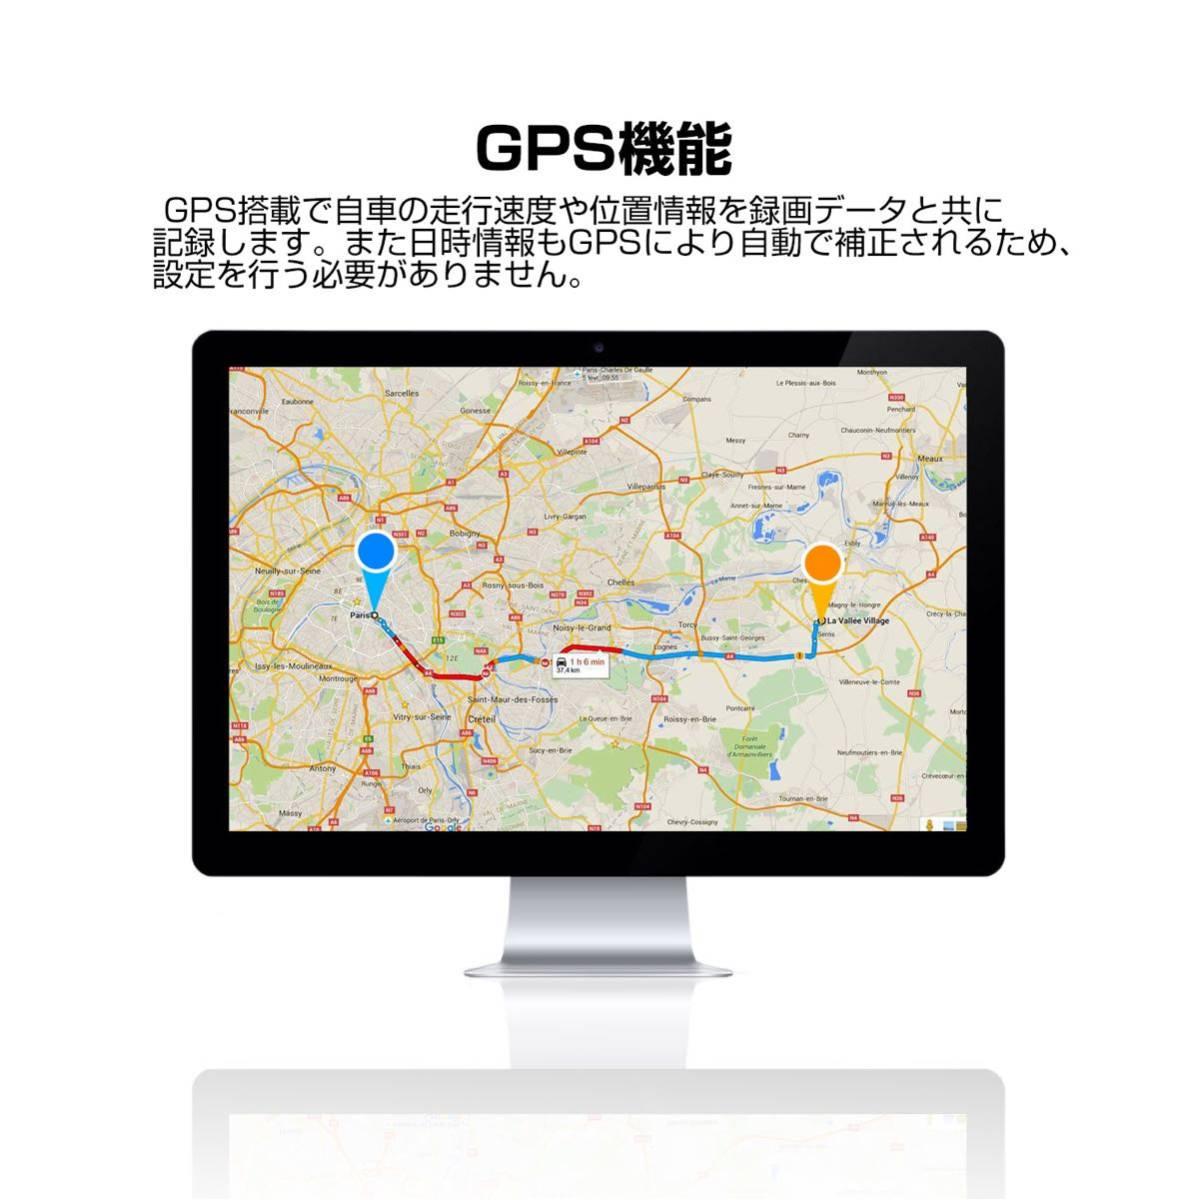 デジタルインナーミラー ドライブレコーダー 前後同時録画 9.66インチ 1080P フルHD 防水リアカメラ バック連動 GPS速度 アングル調整_画像7